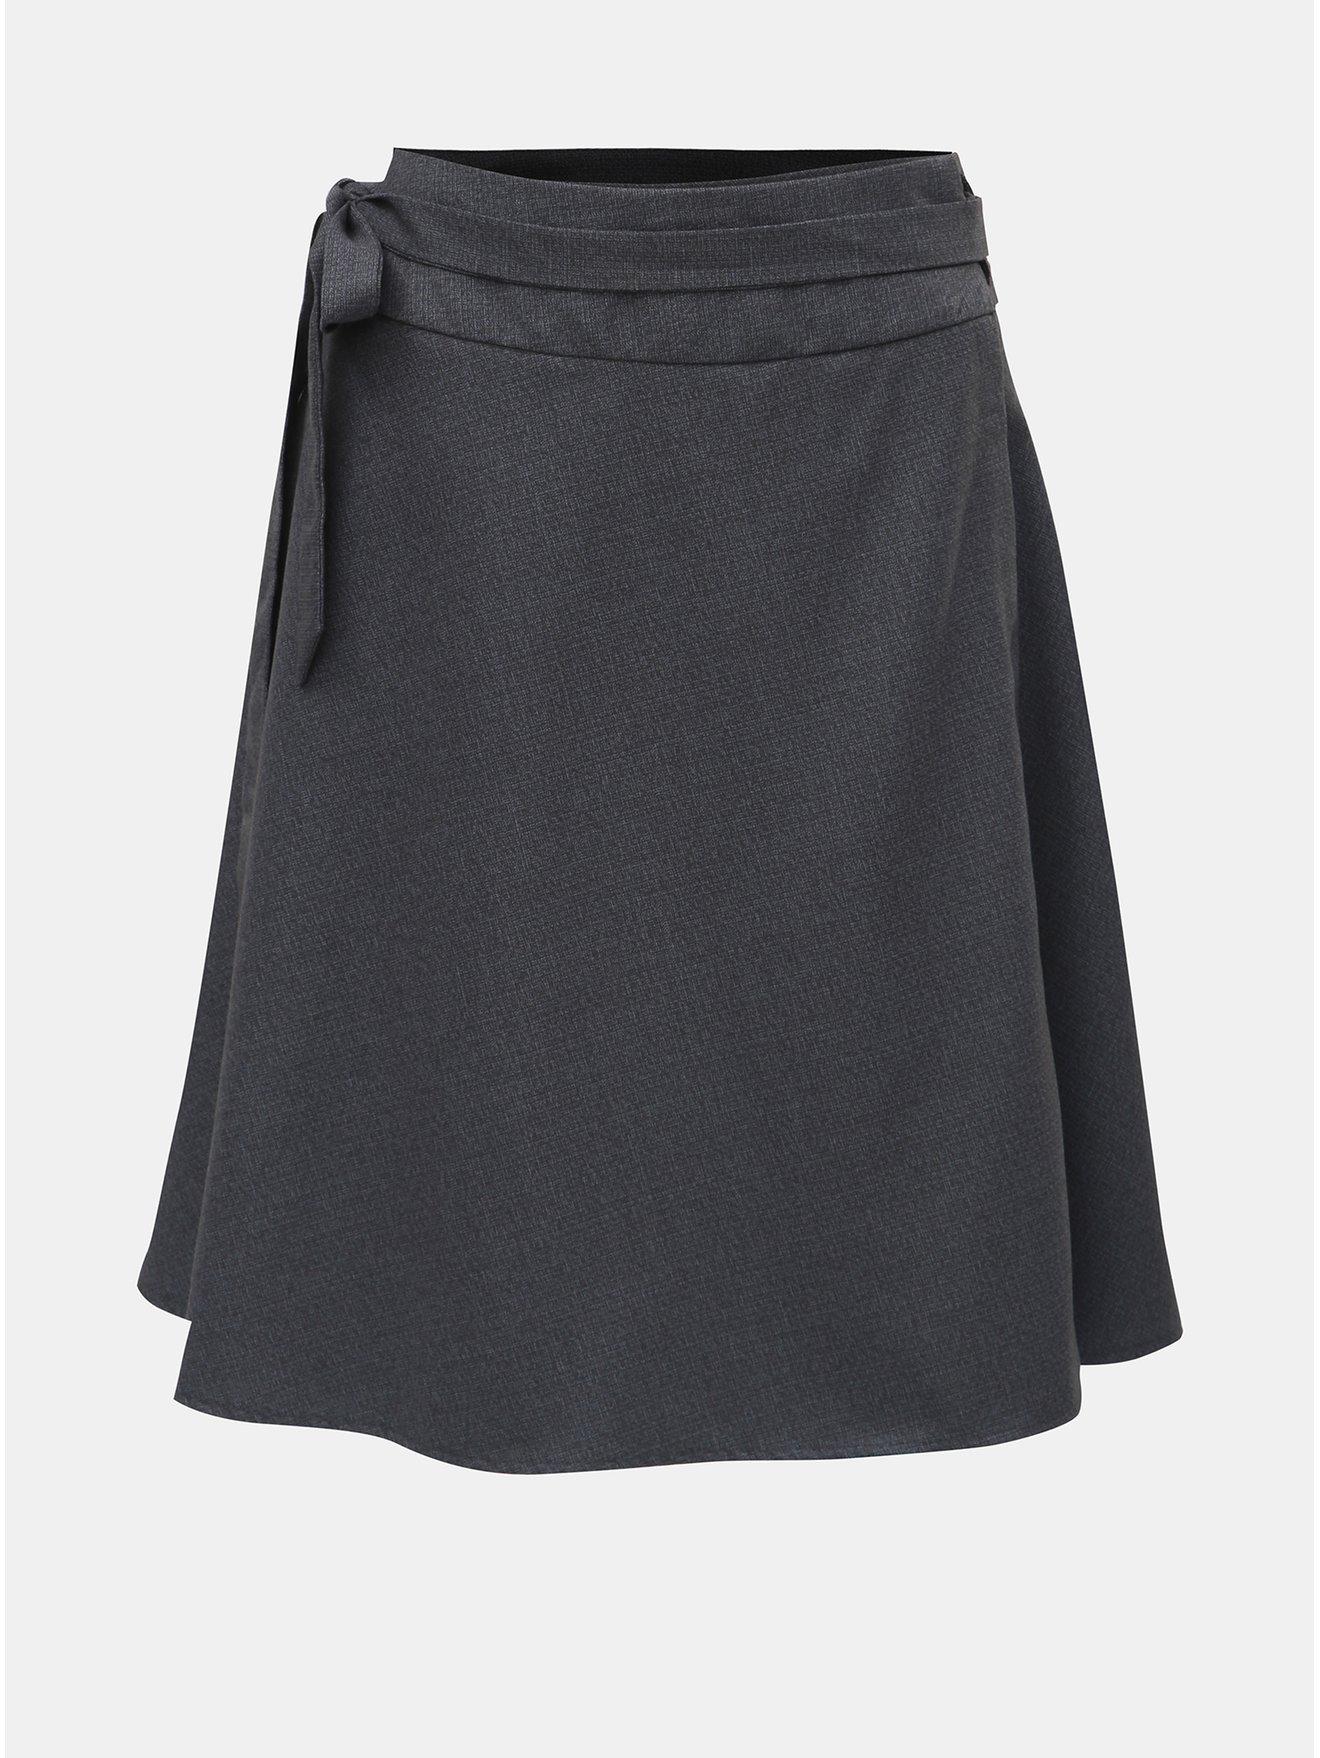 Tmavě šedá zavinovací sukně s příměsí kašmíru a se sklady v zadní části La femme MiMi